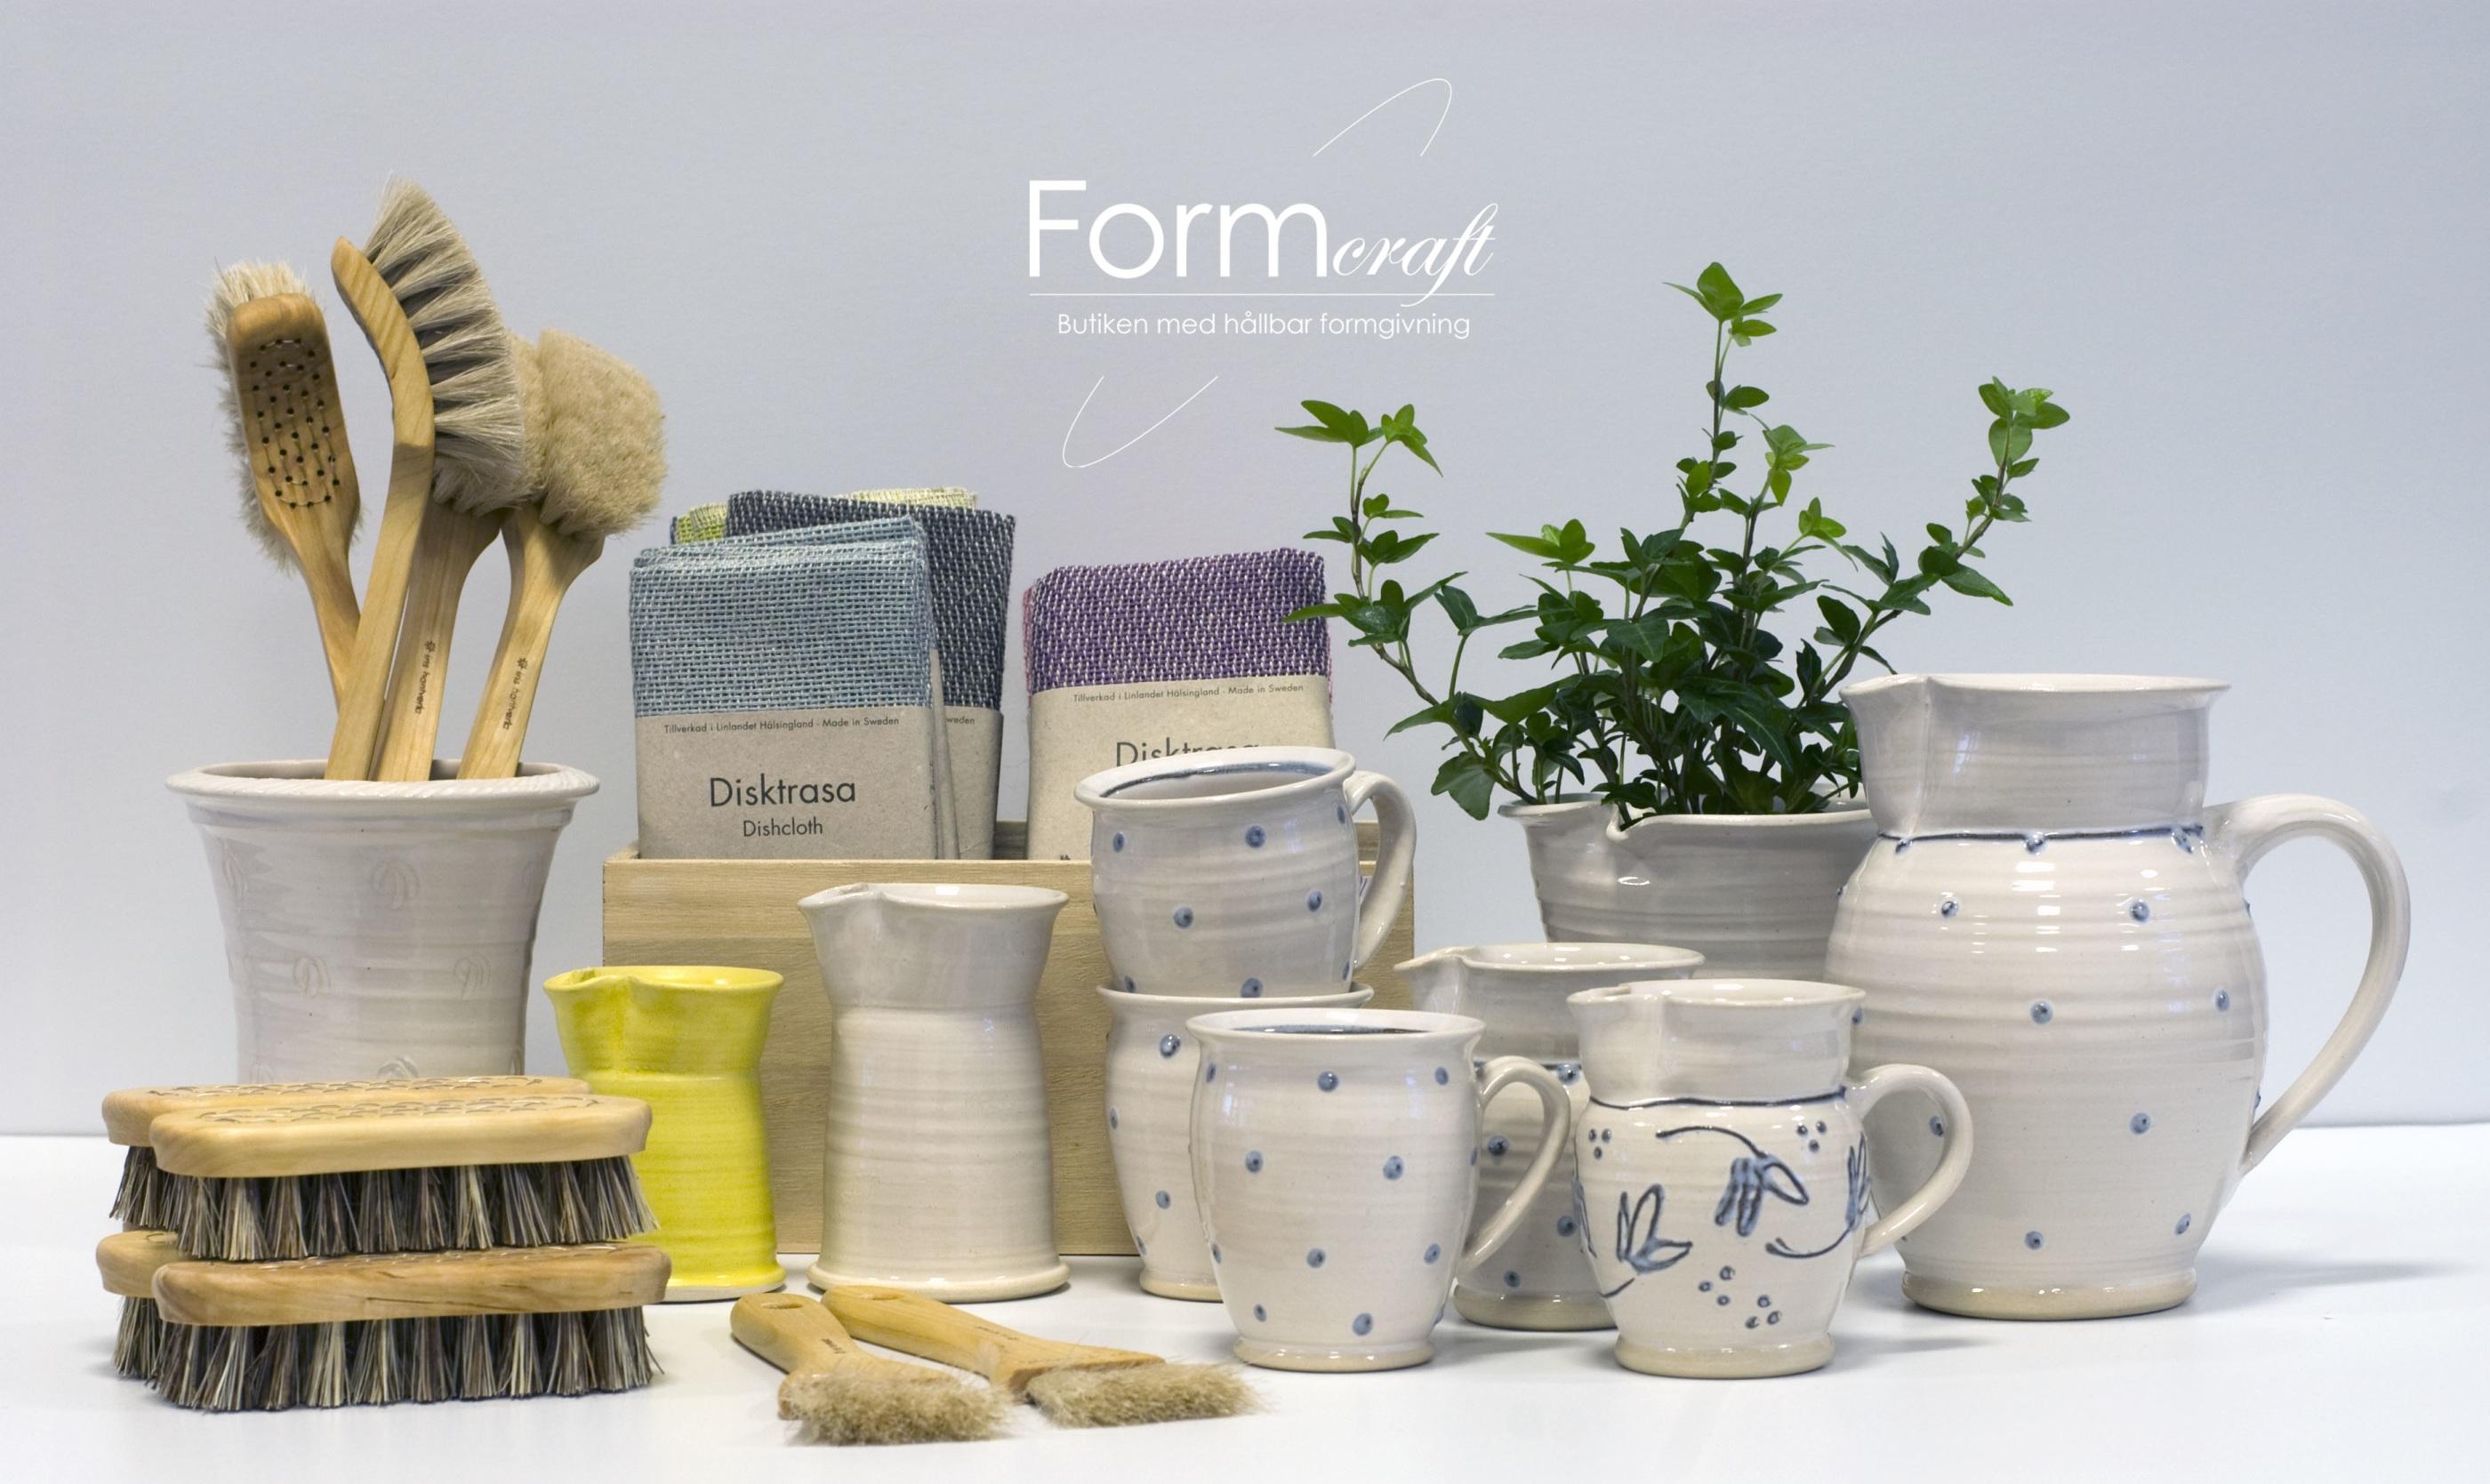 Keramik och produkter från Formcraft butiken